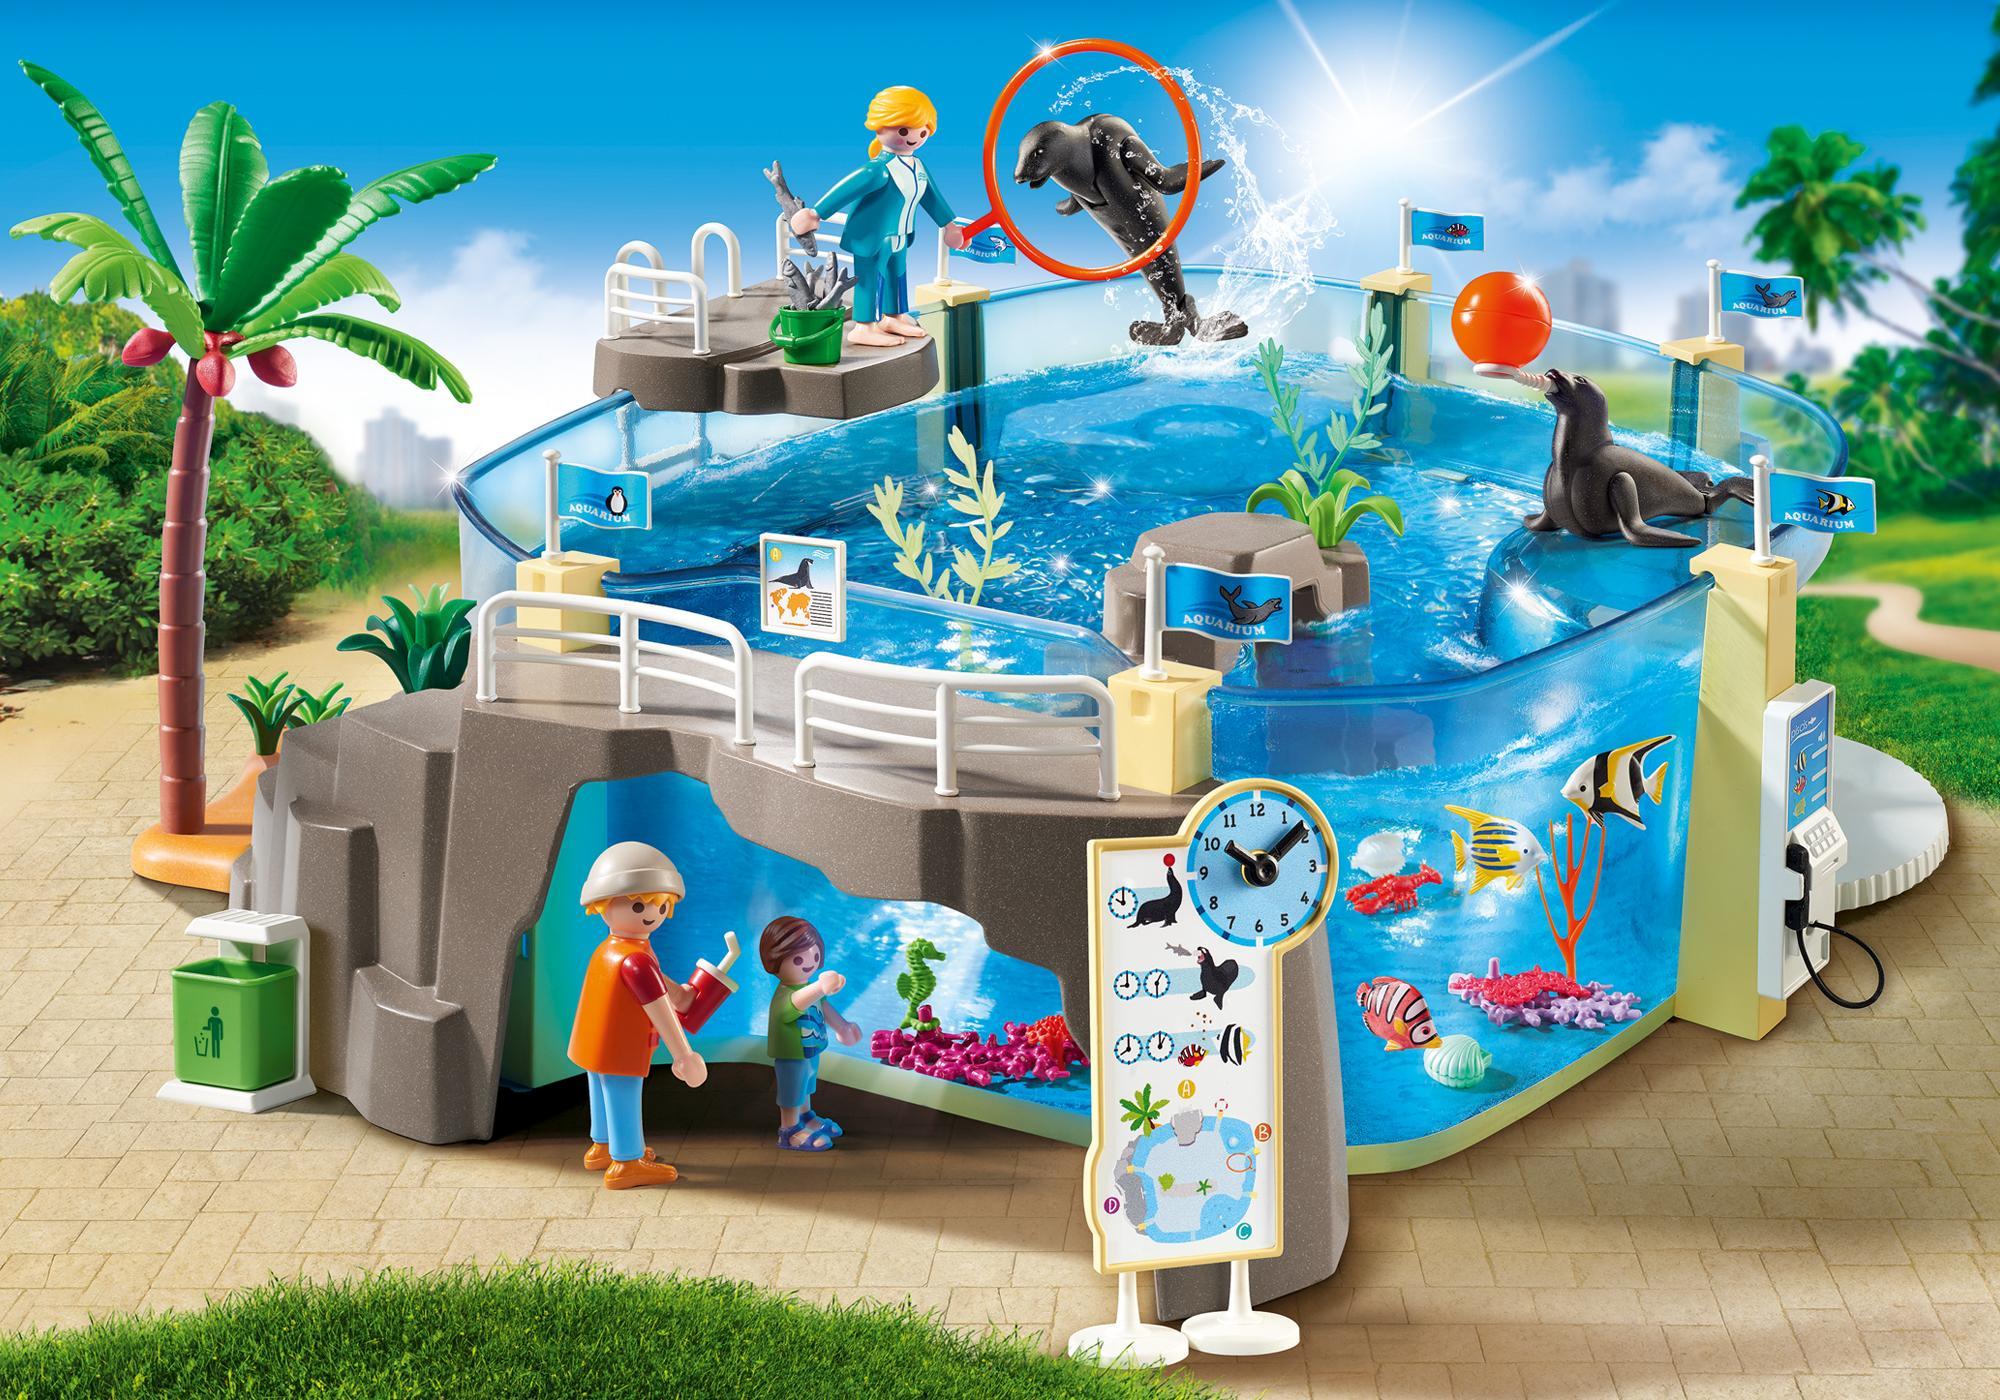 Wunderbar Playmobil Aquapark Ausmalbilder Galerie Malvorlagen Von